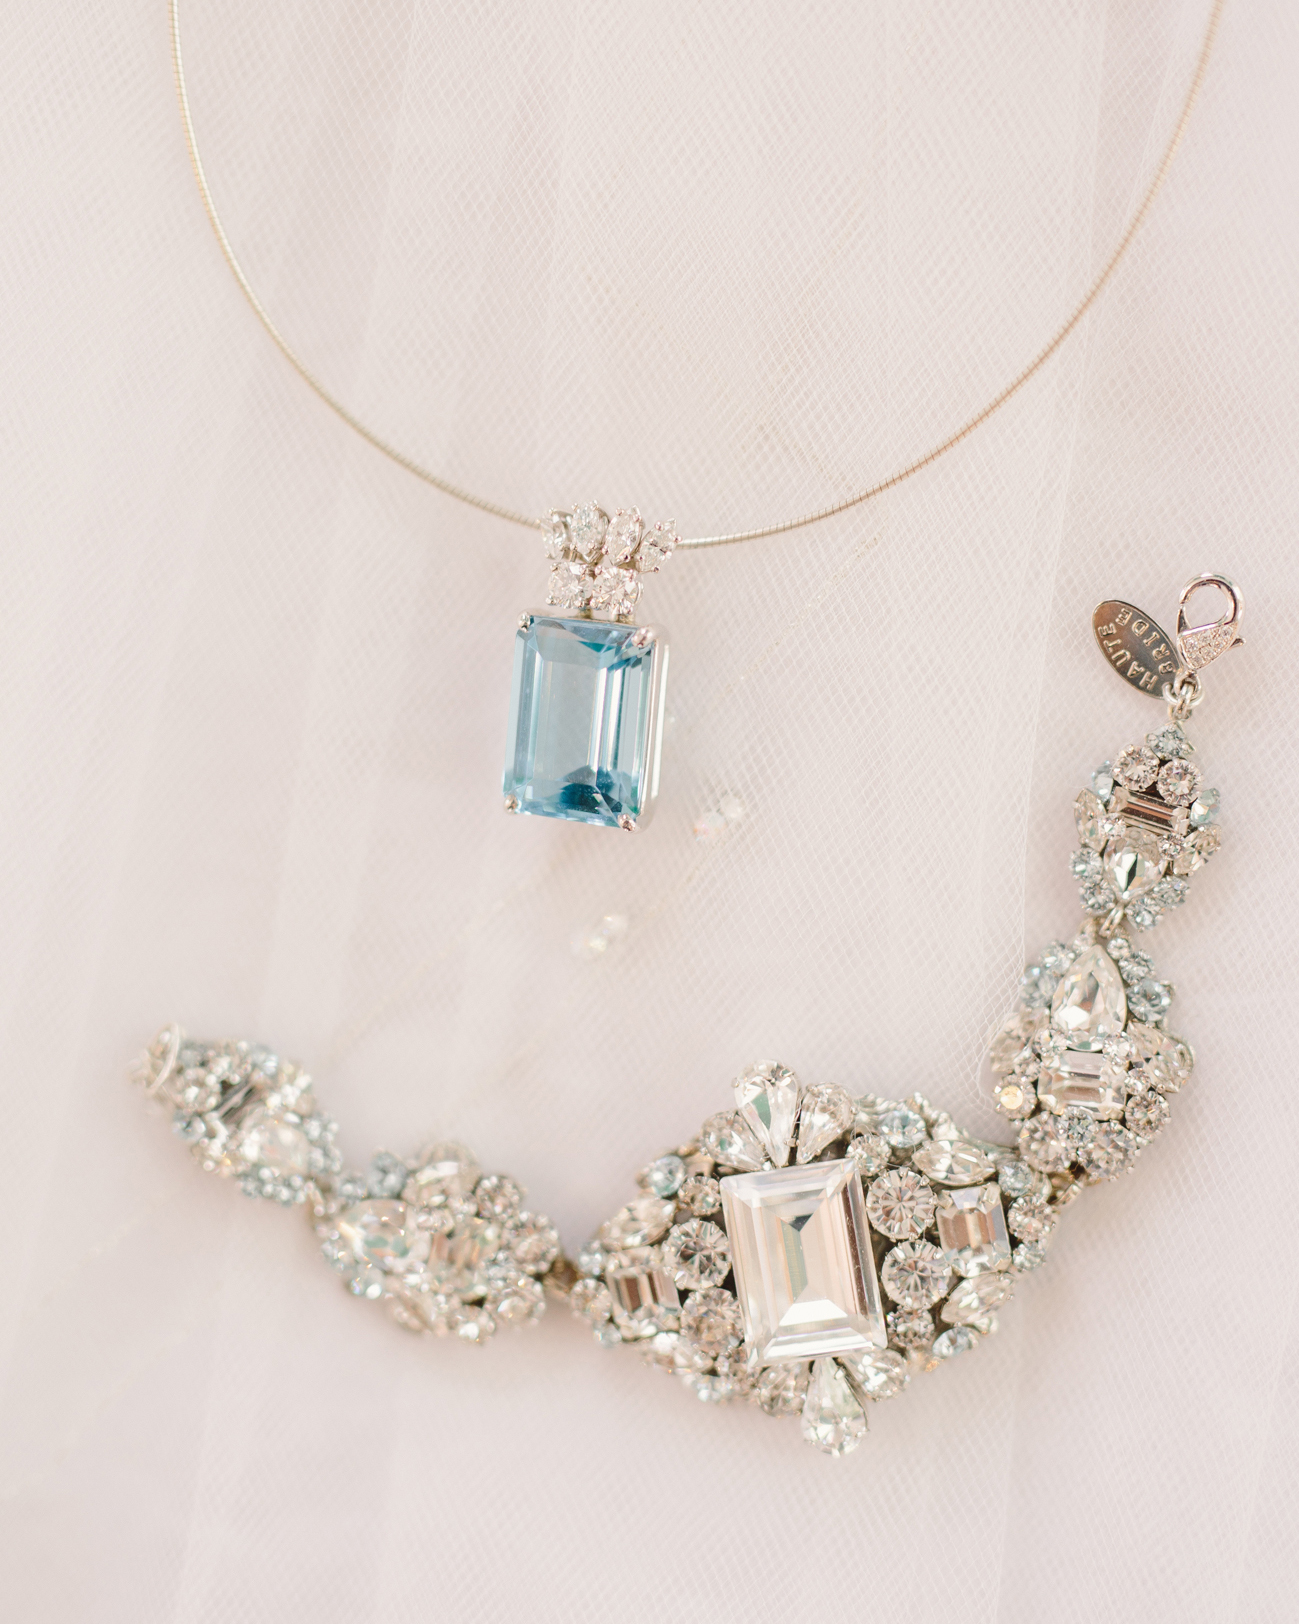 lizzy-bucky-wedding-jewelry-159-s111857-0315.jpg